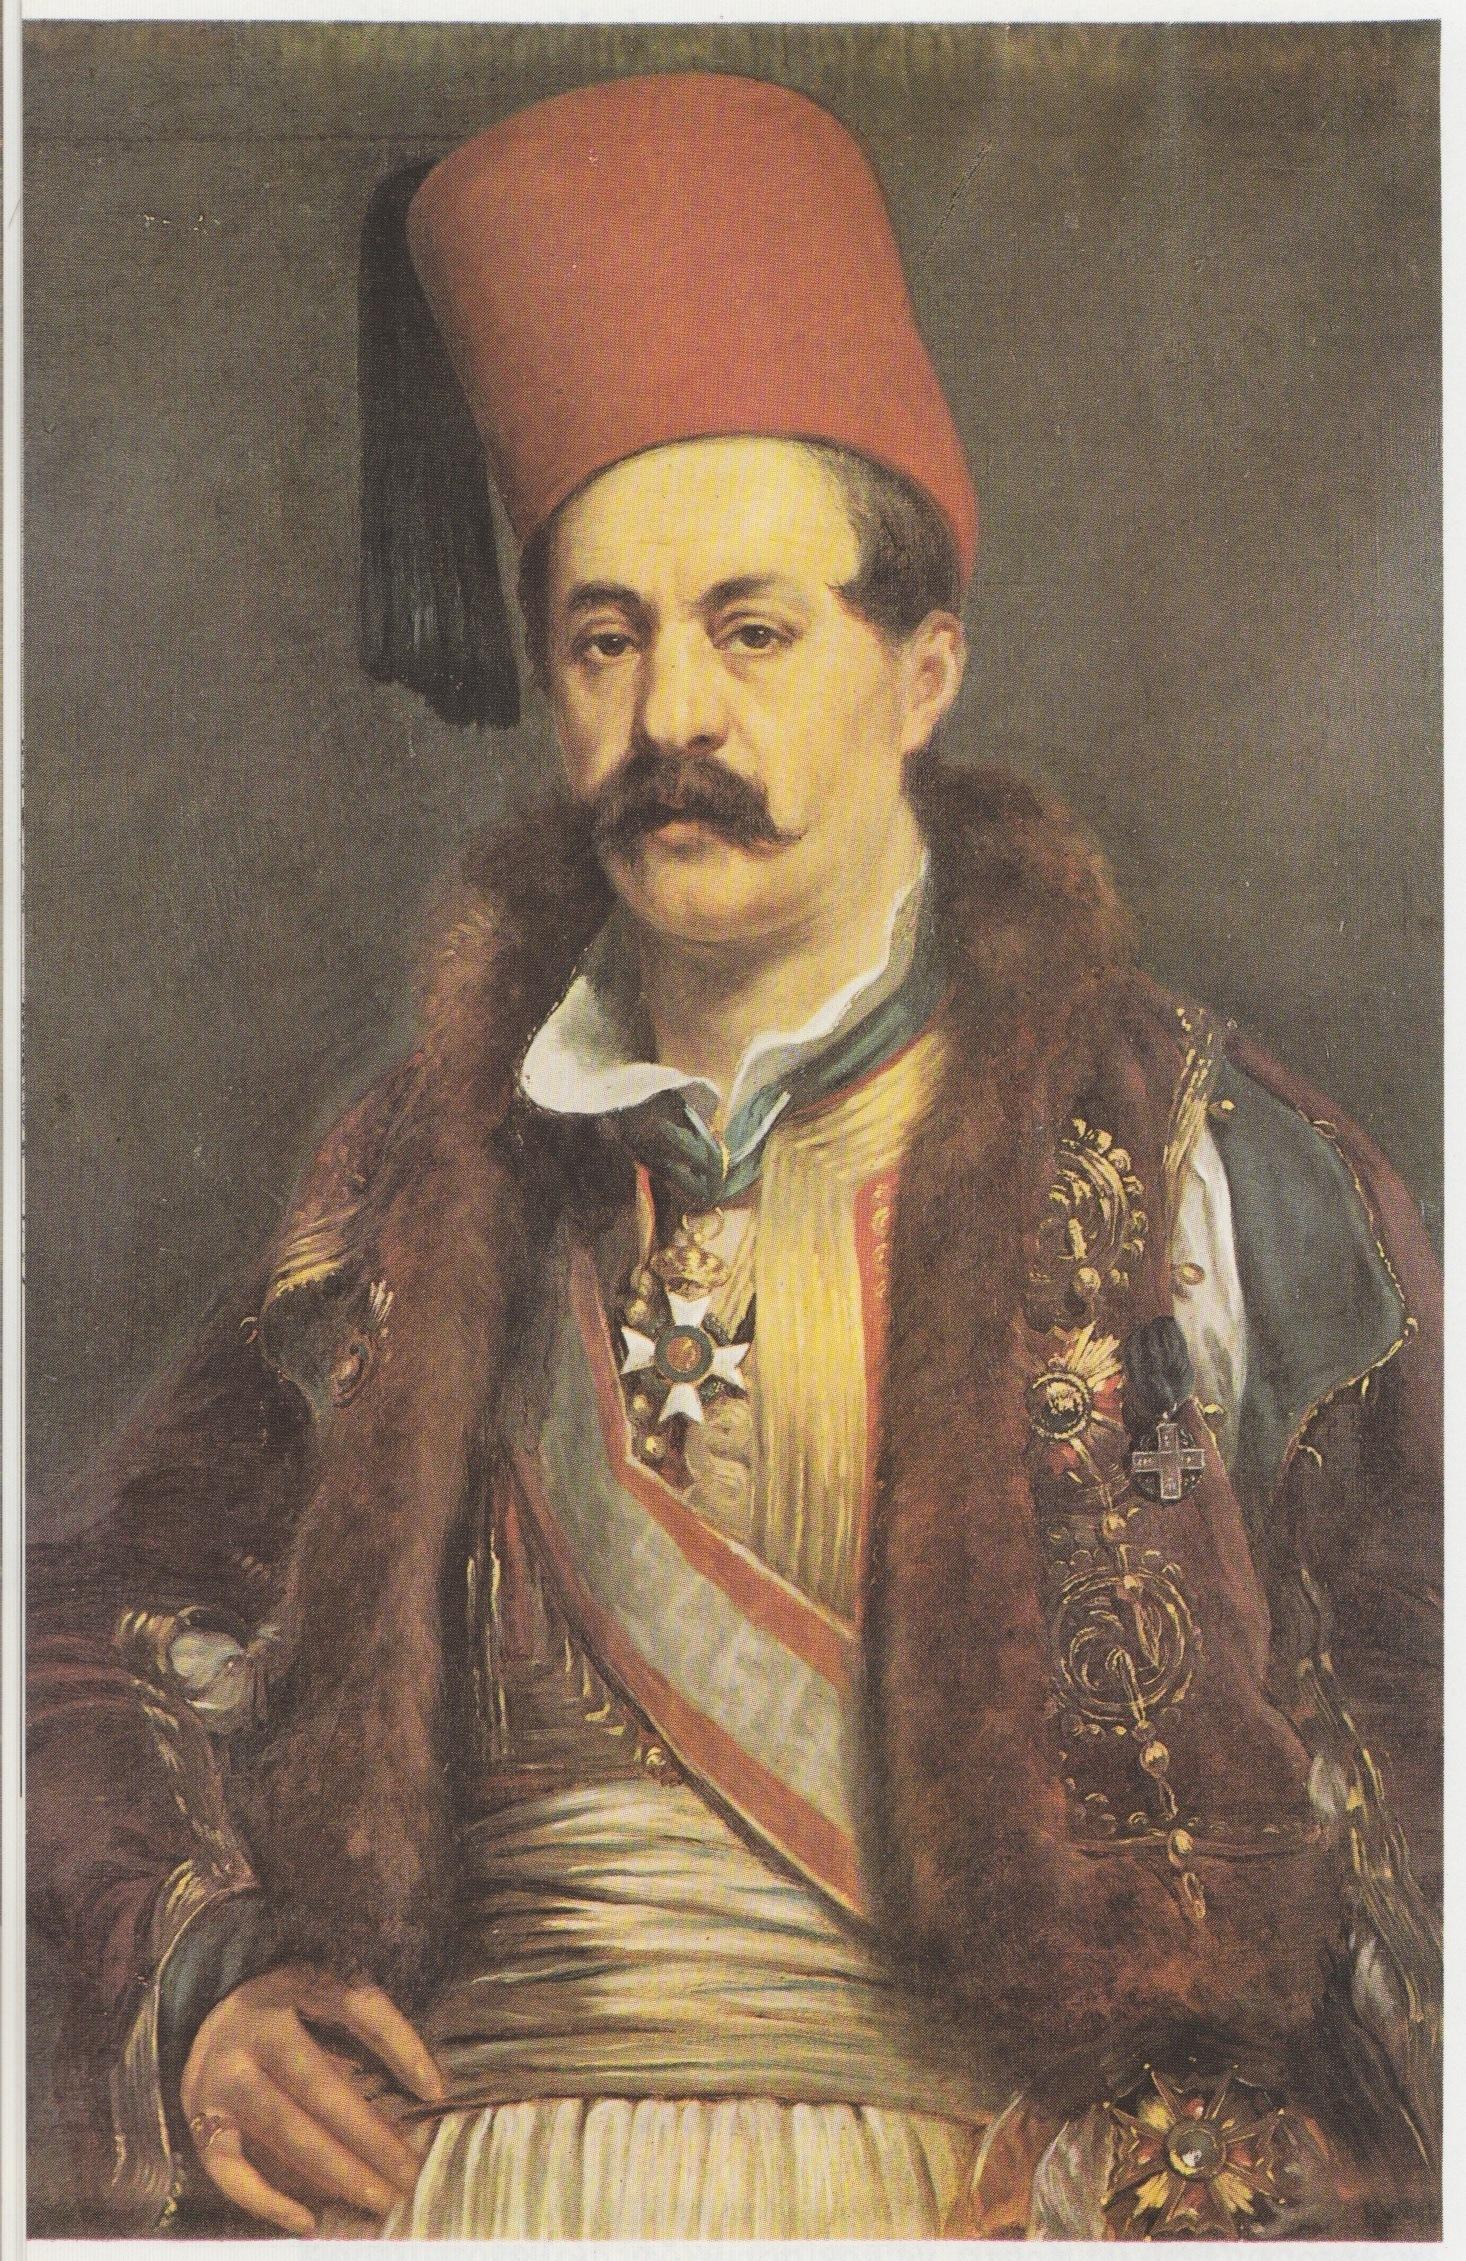 Ο Ιωάννης Κωλέττης (1773 ή 1774 - 31 Αυγούστου 1847) ήταν Έλληνας πολιτικός την εποχή της Επανάστασης του 1821.